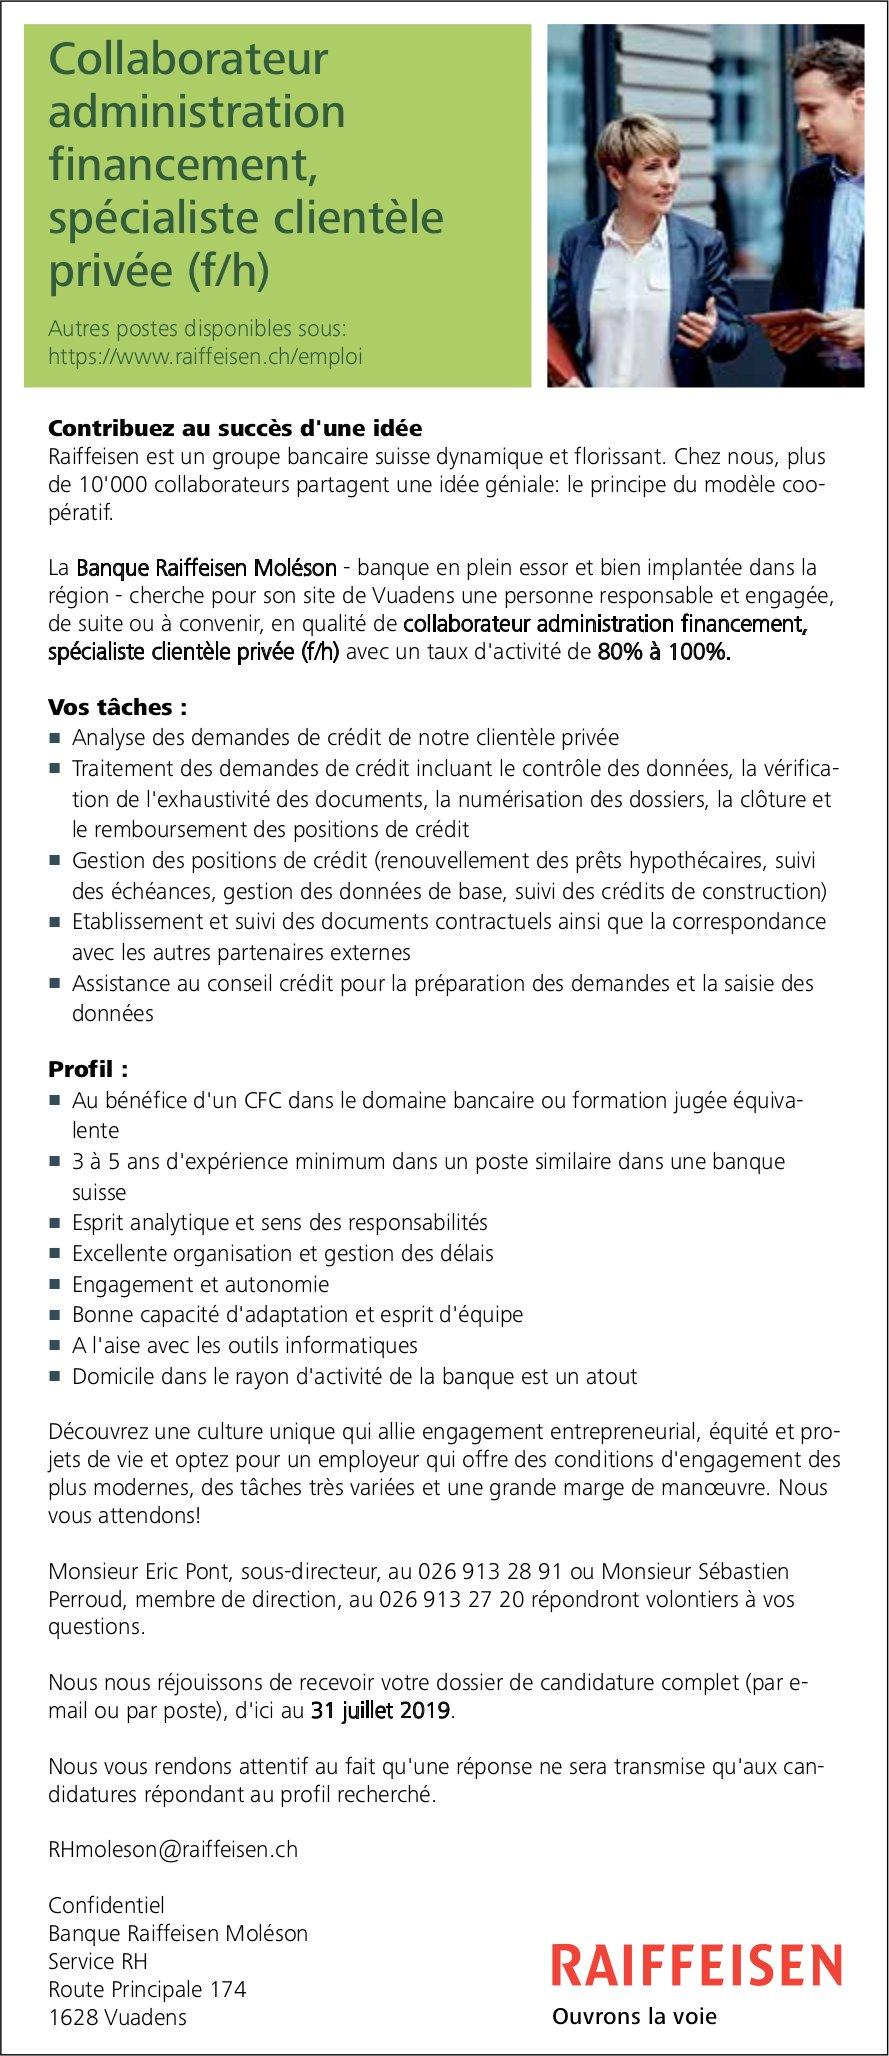 Collaborateur administration financement, spécialiste clientèle privée (f/h), Raiffeisen, Vuadens